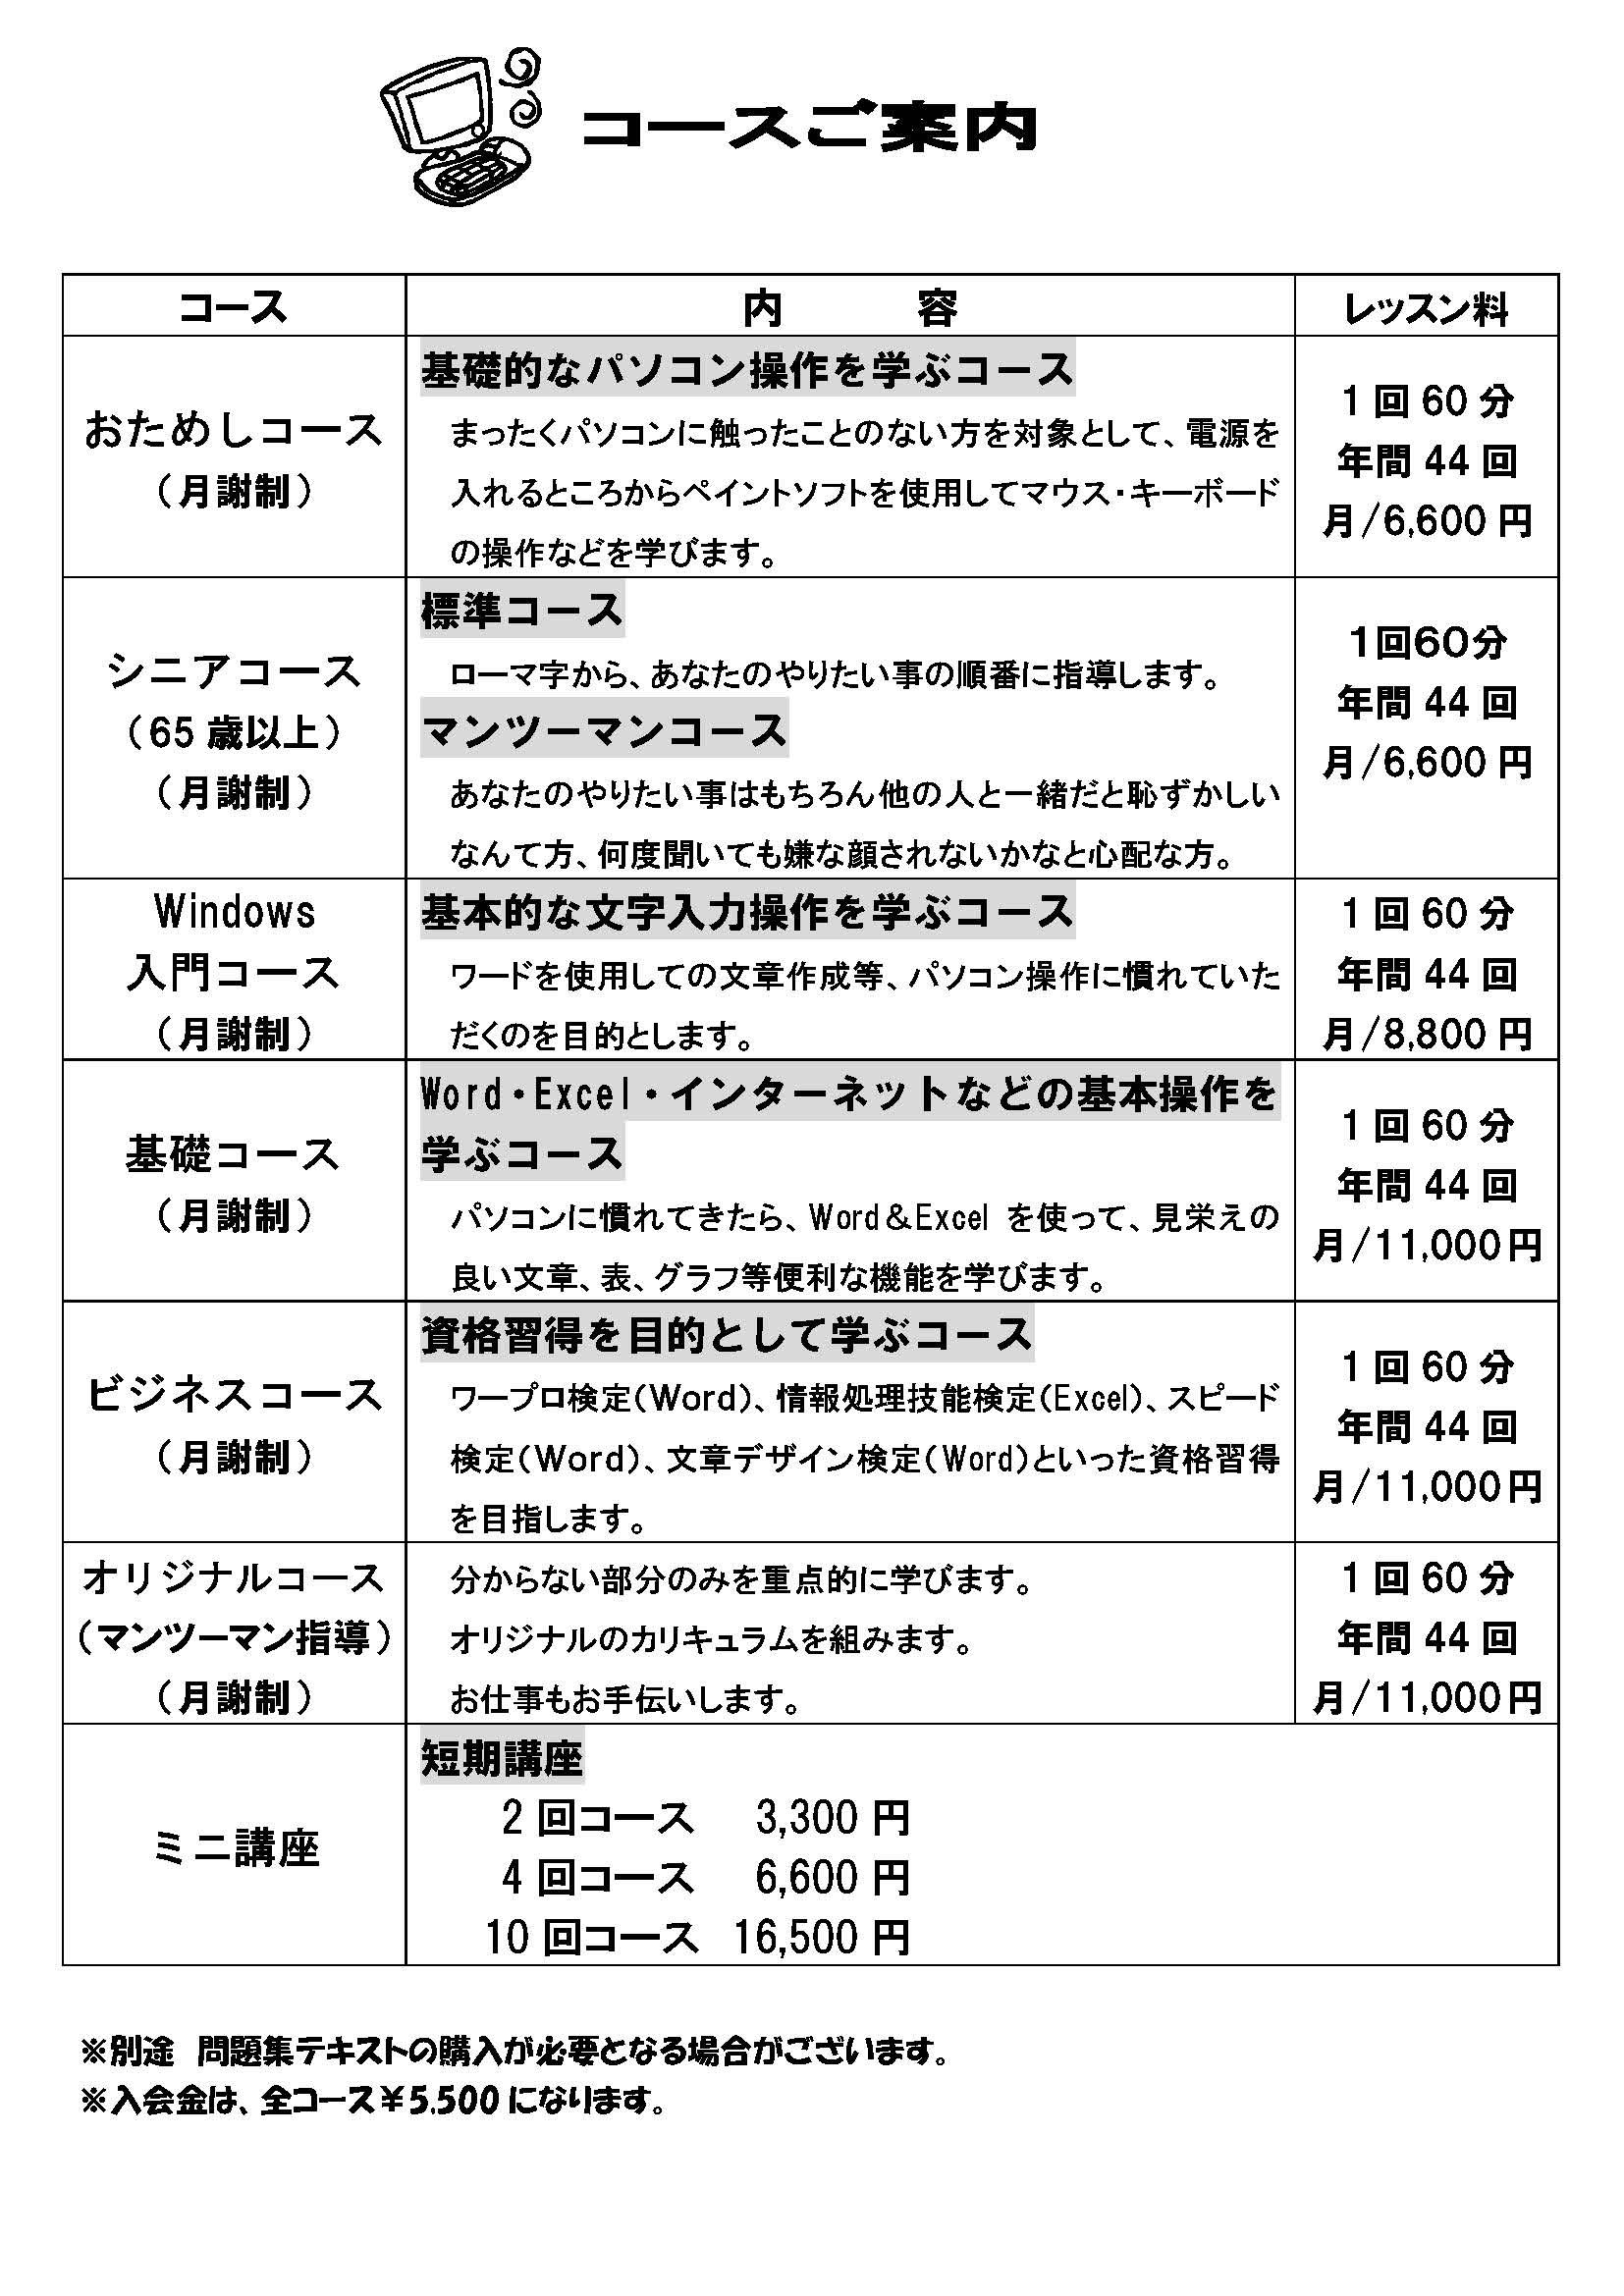 パソコンコースご案内 (003)